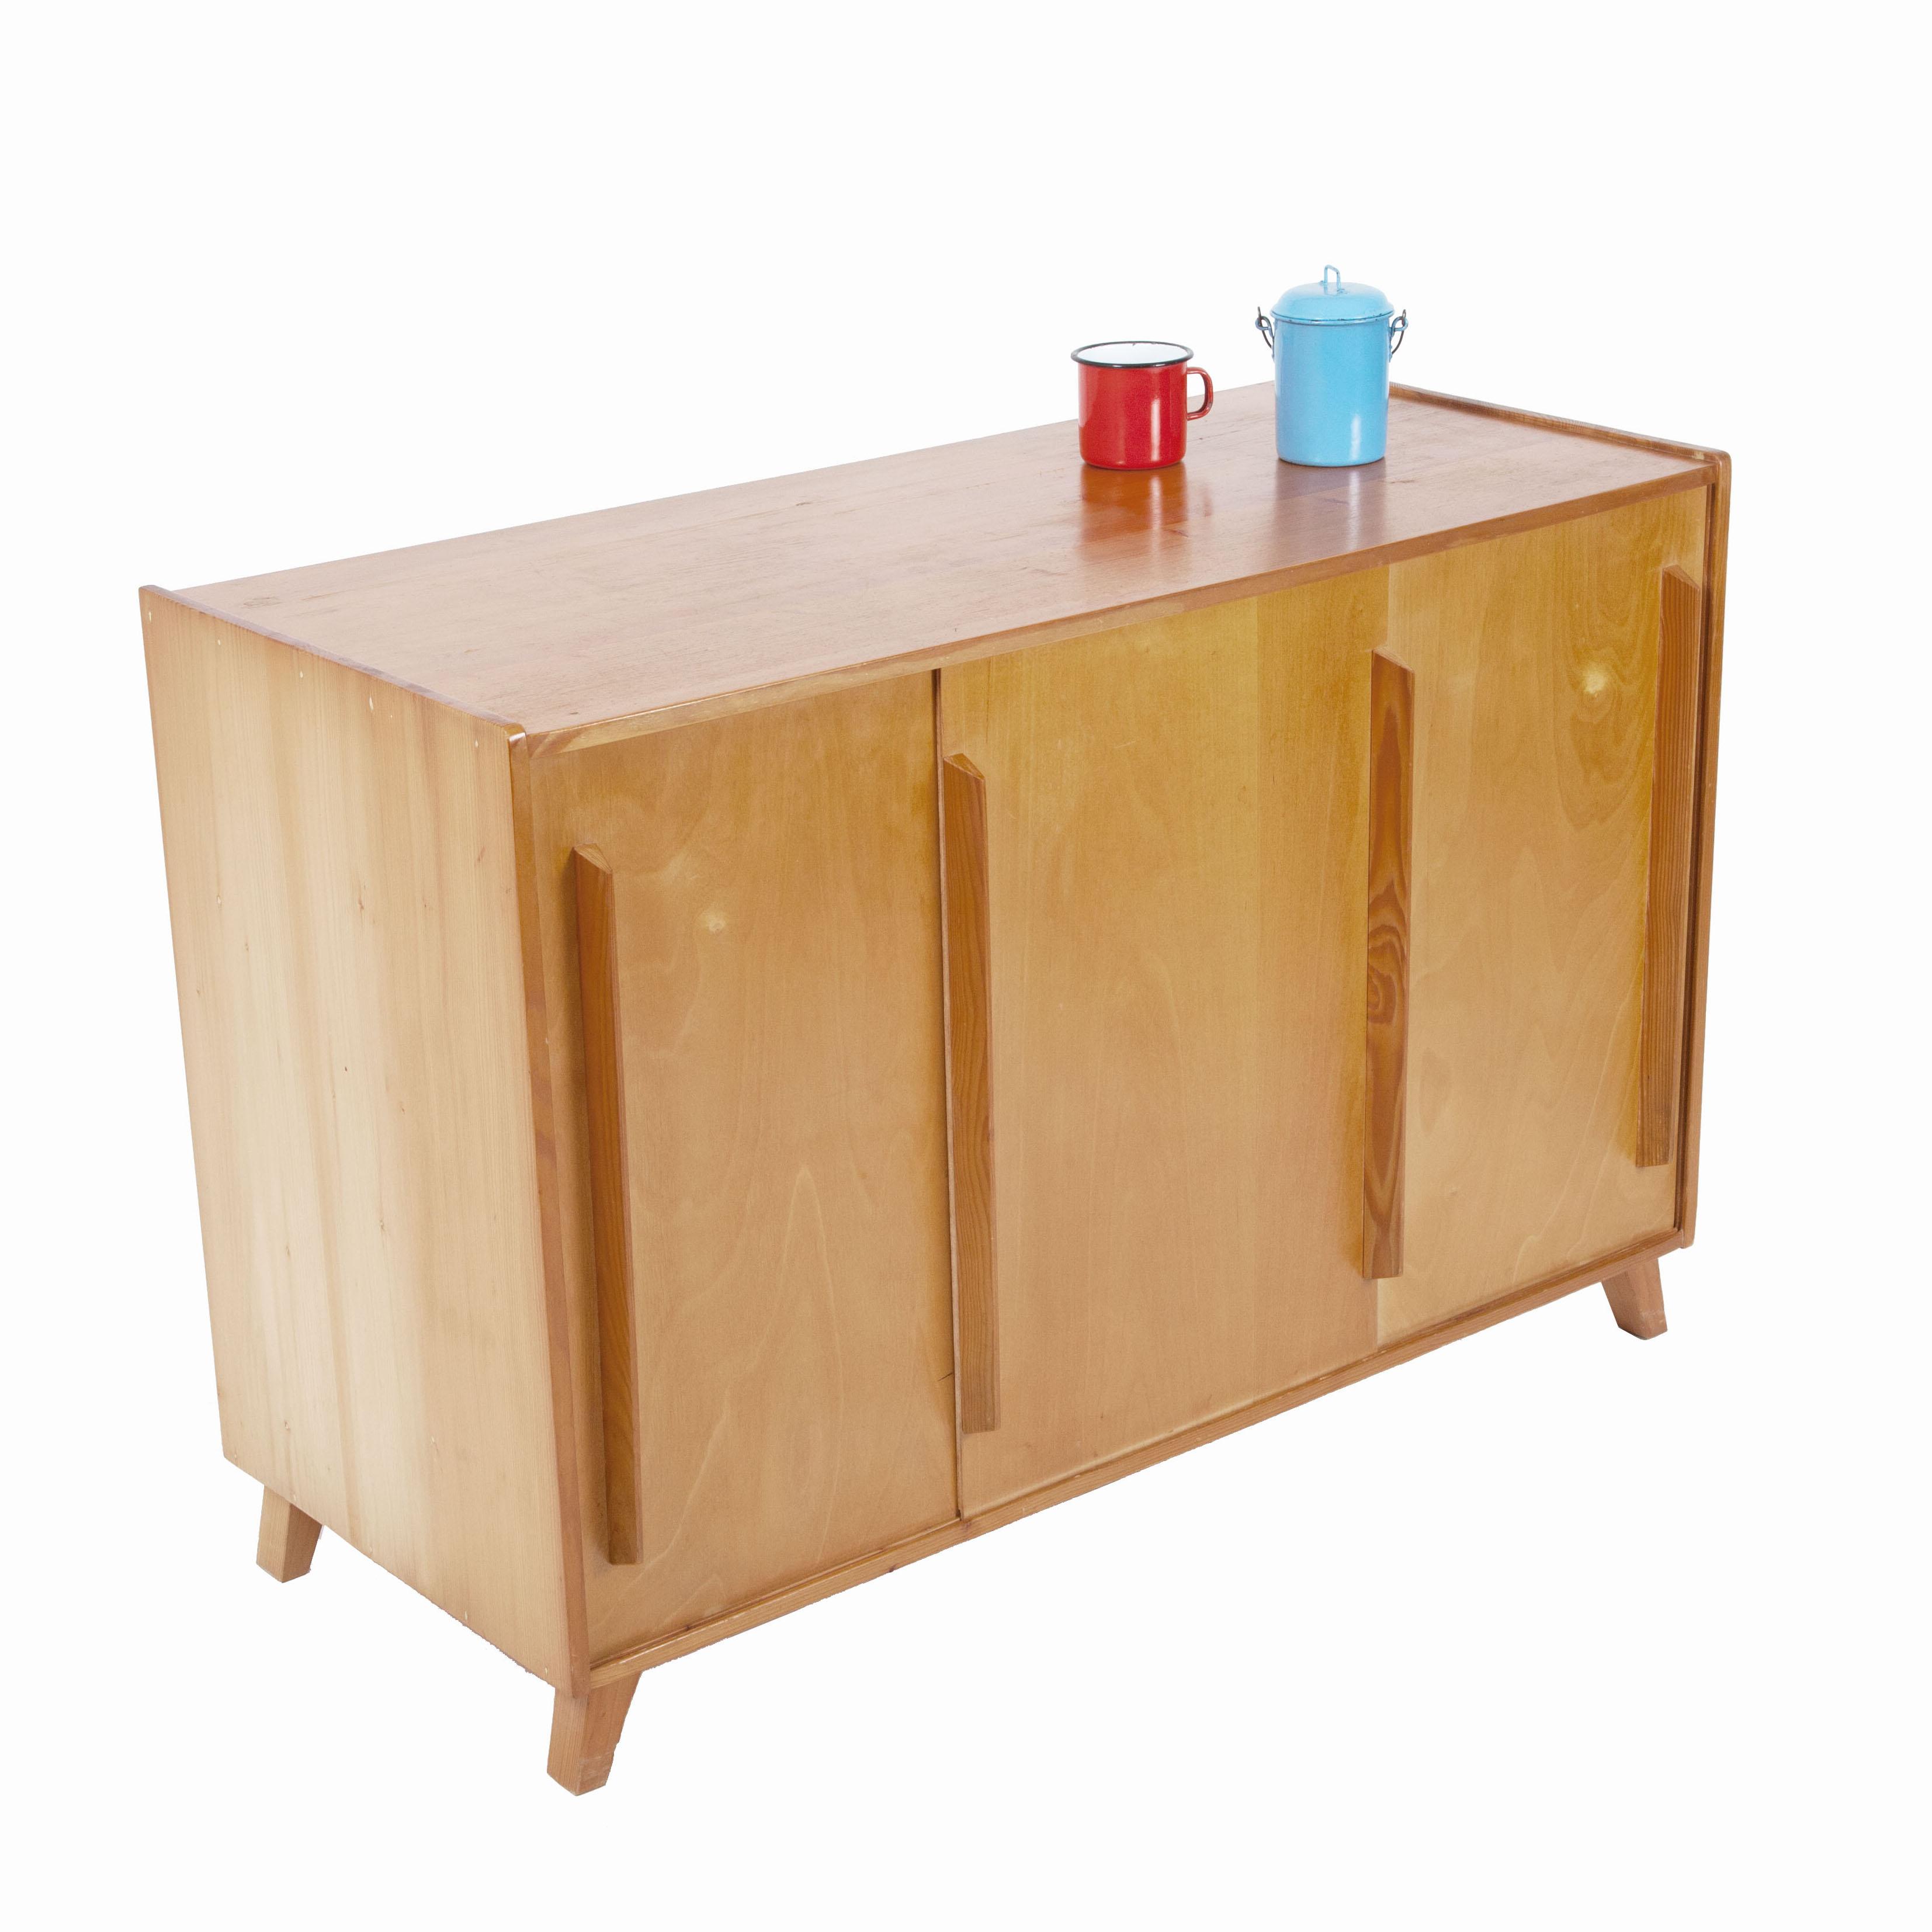 sideboard mit 3 schiebet ren m bel z rich vintagem bel. Black Bedroom Furniture Sets. Home Design Ideas